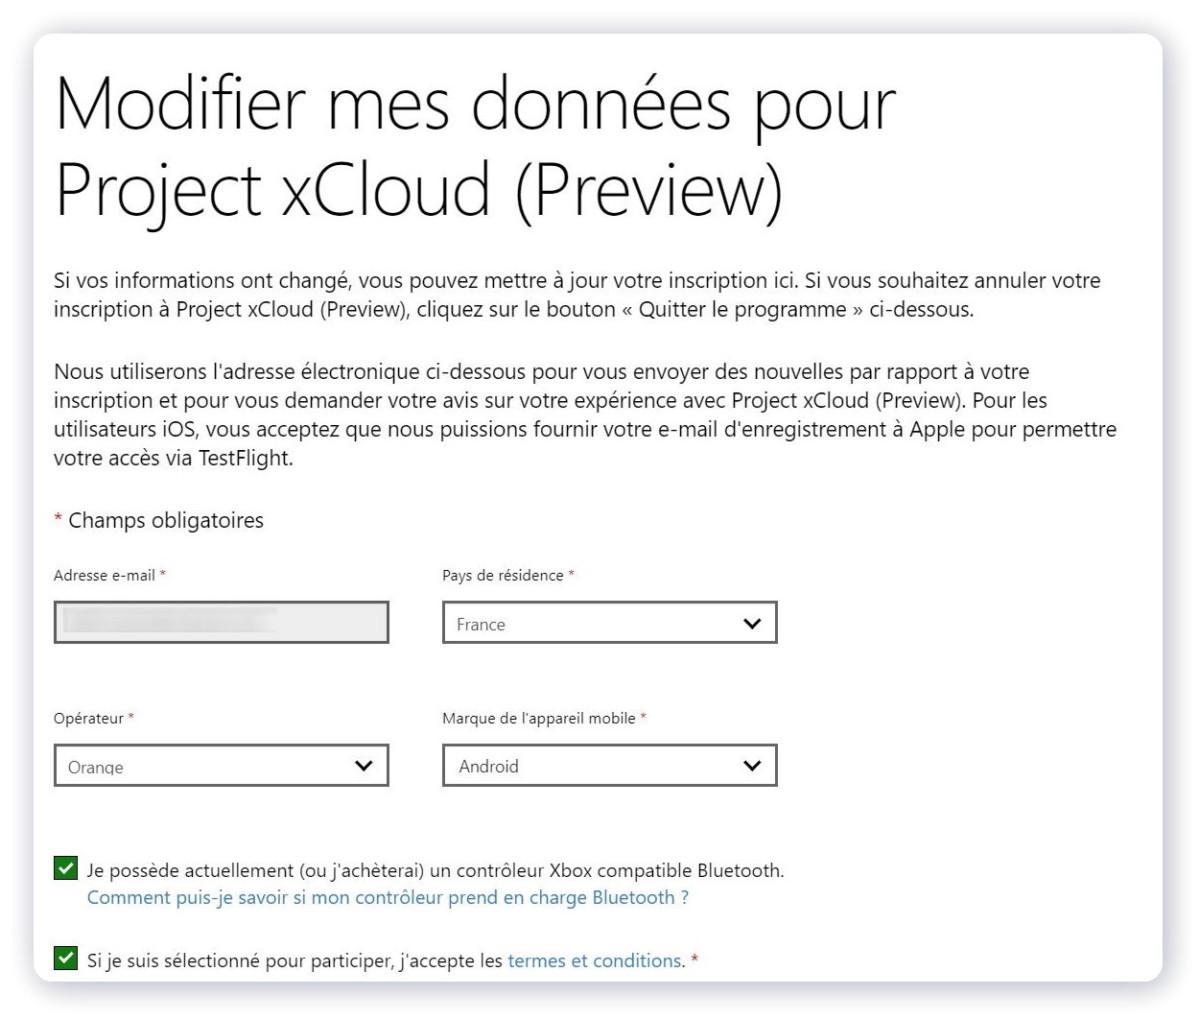 xCloud arrive en France : comment s'inscrire à la preview gratuite du service de cloud gaming